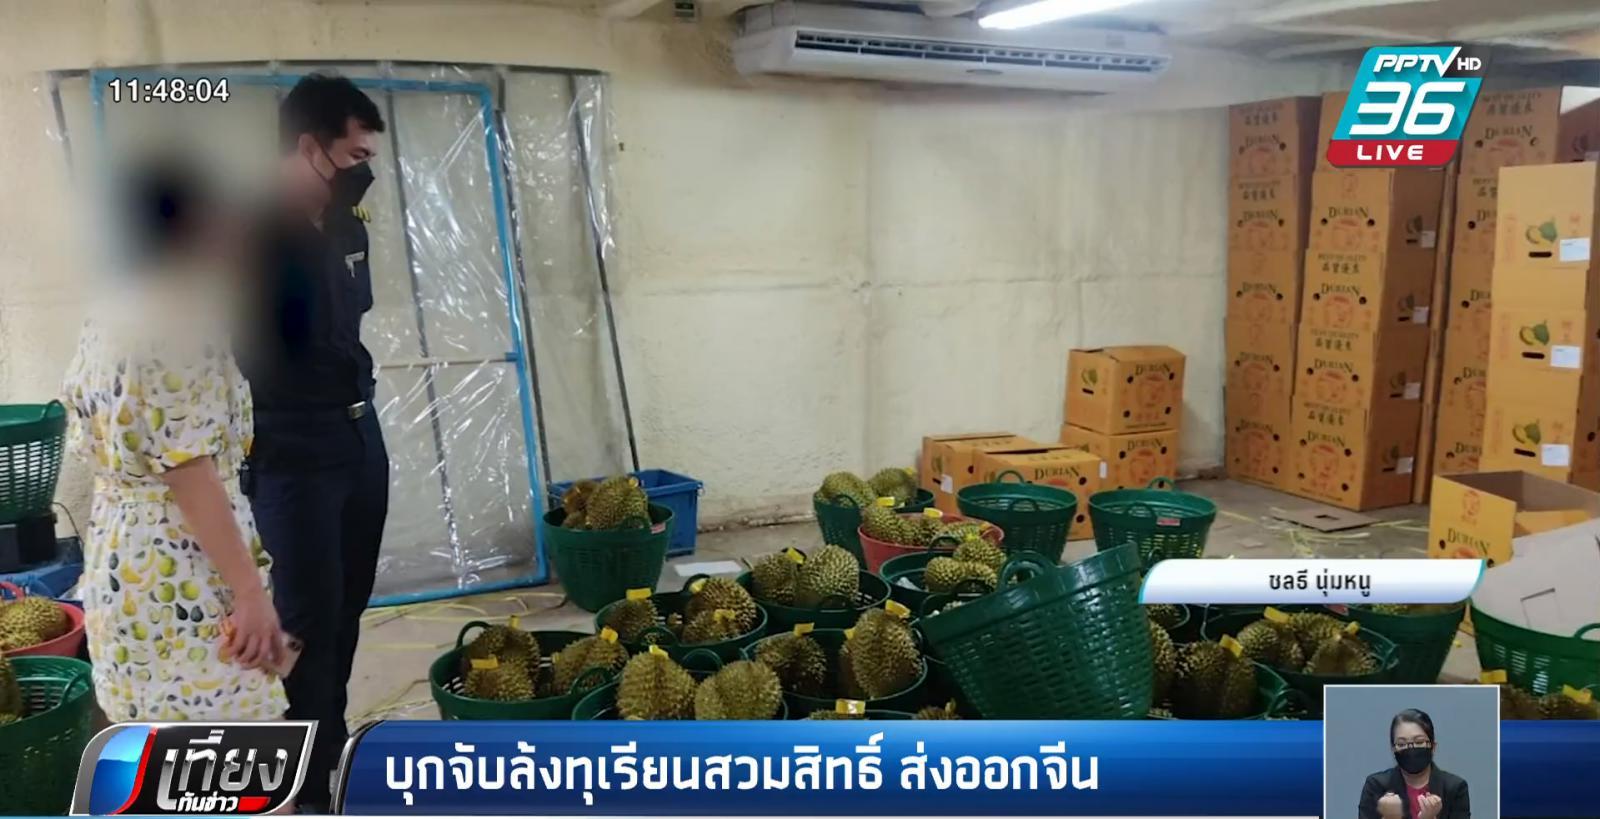 บุกจับ ล้งทุเรียนเวียดนาม 18 ตัน สวมสิทธิ์จันทบุรี ส่งออกจีน